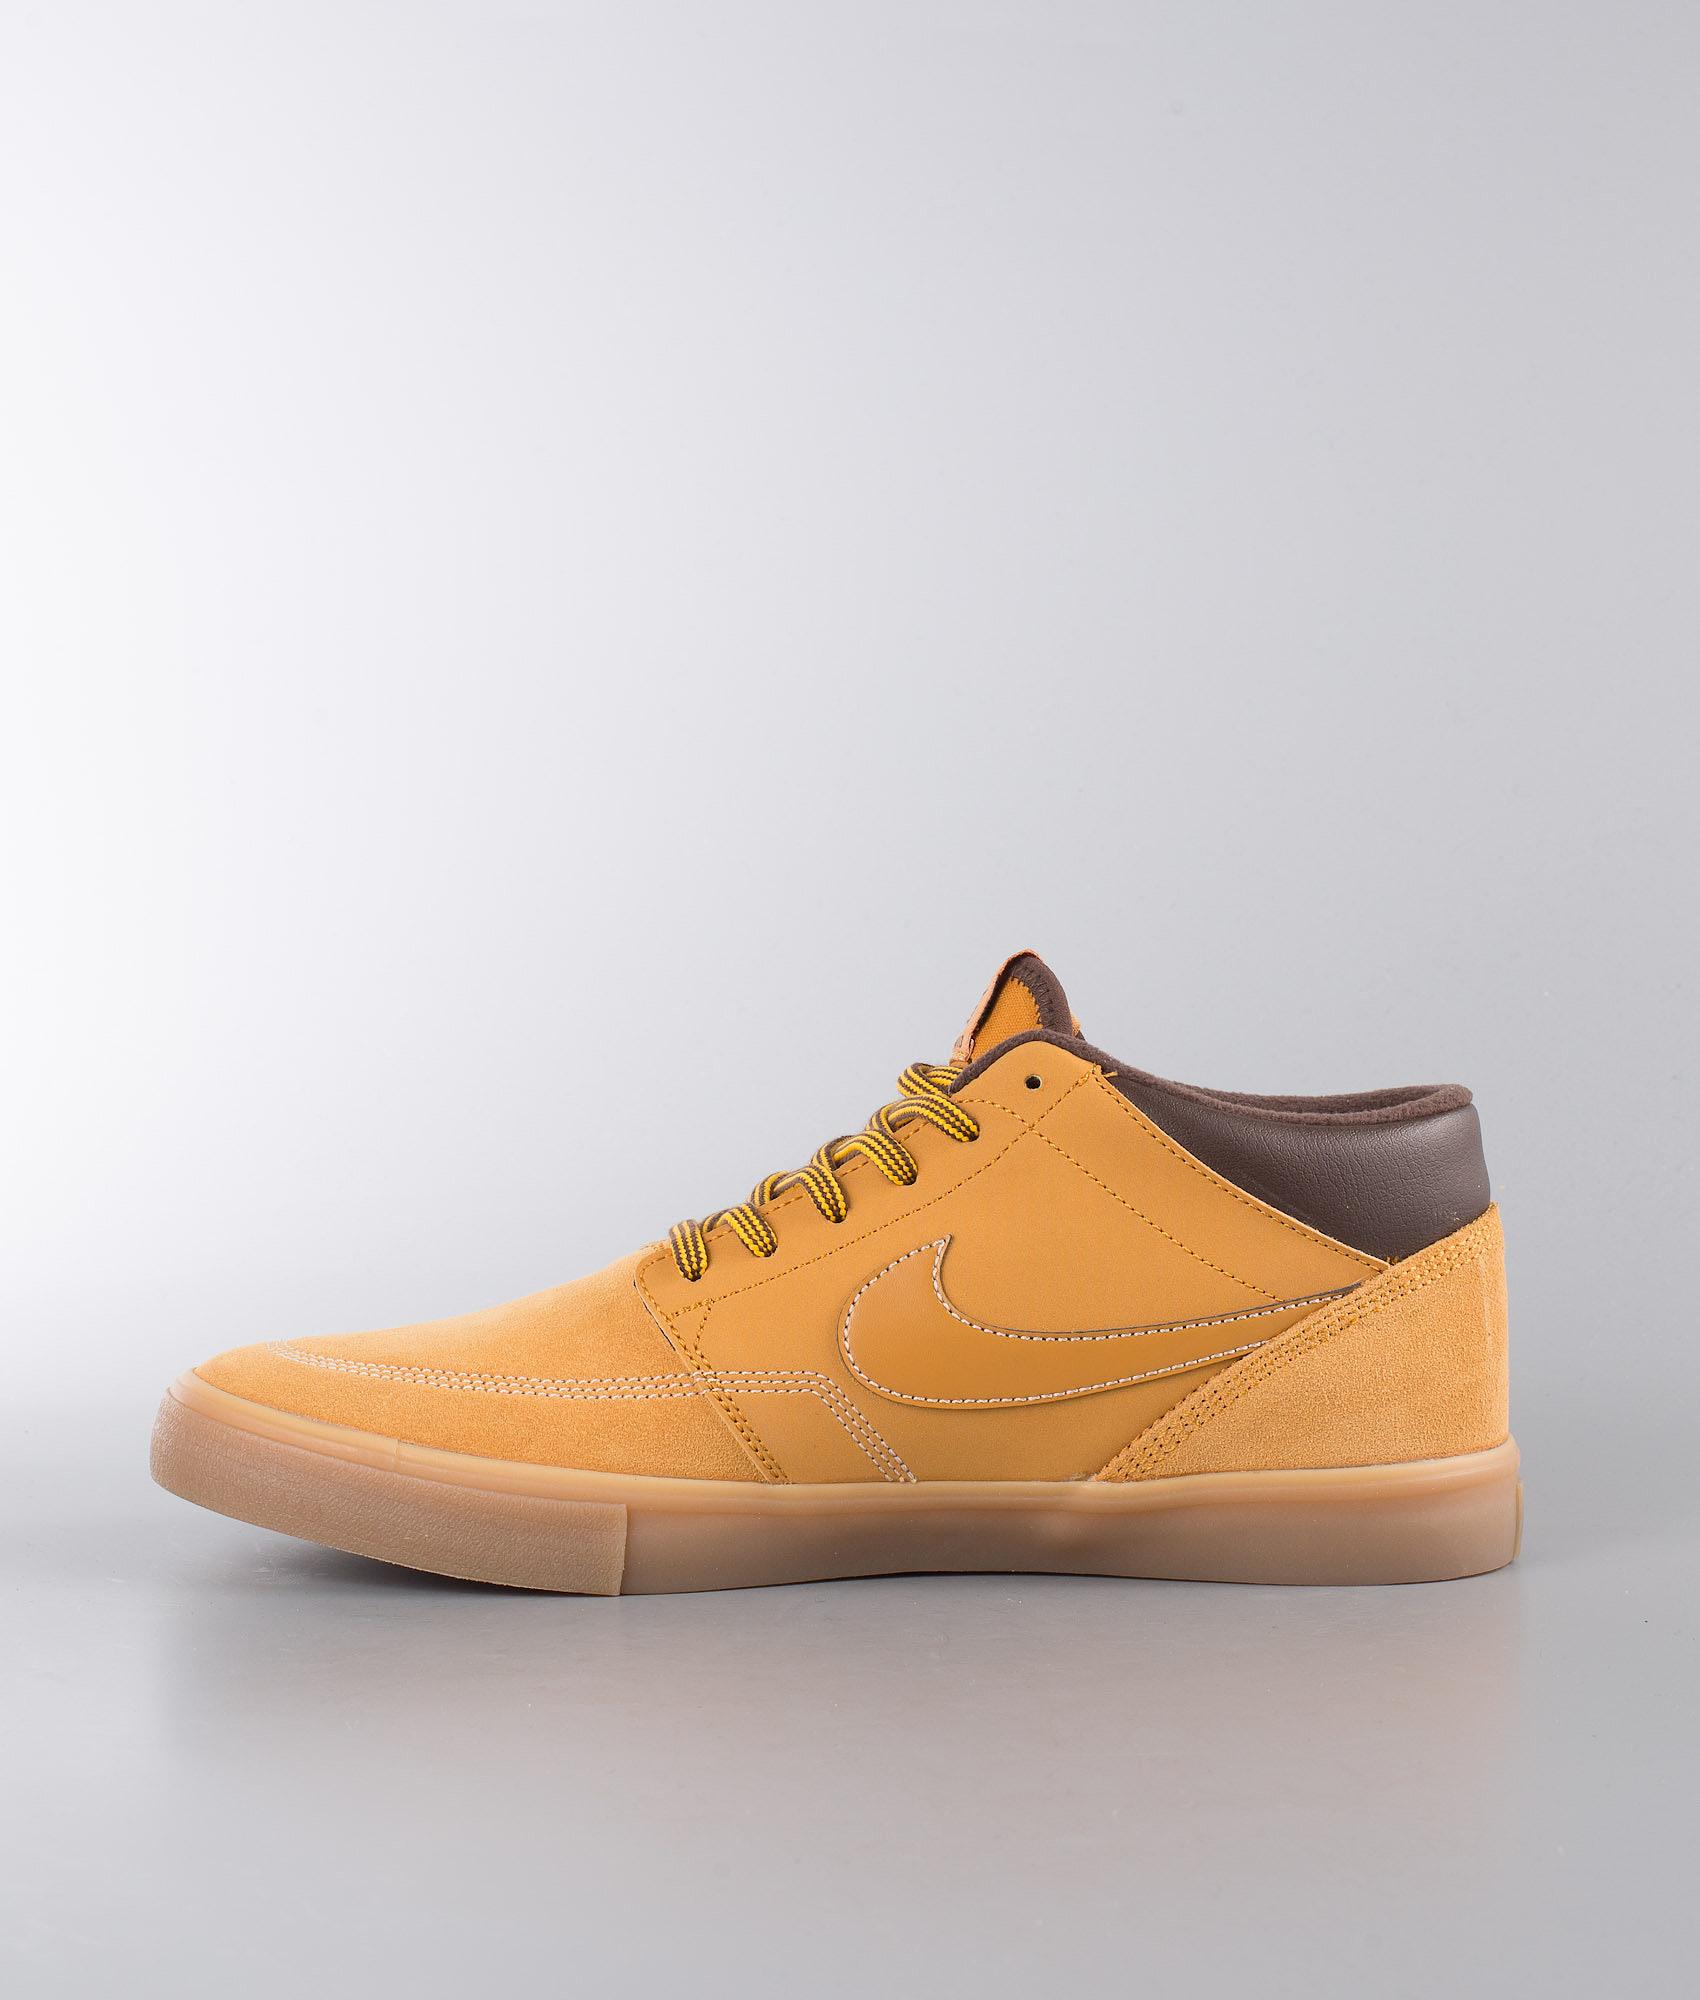 c28a63008e Nike Portmore Ii Slr M Bota Shoes Bronze/Bronze-Gum Light Brown ...